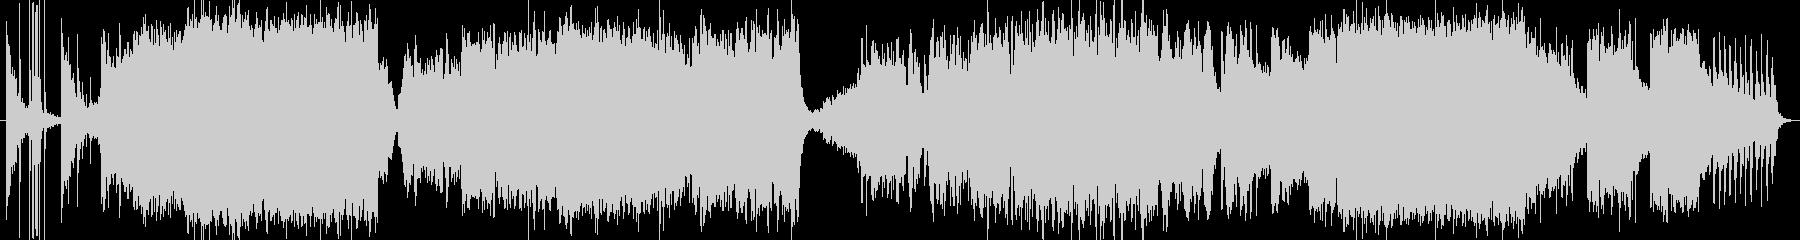 初代エイリアンのような不気味なホラー音楽の未再生の波形